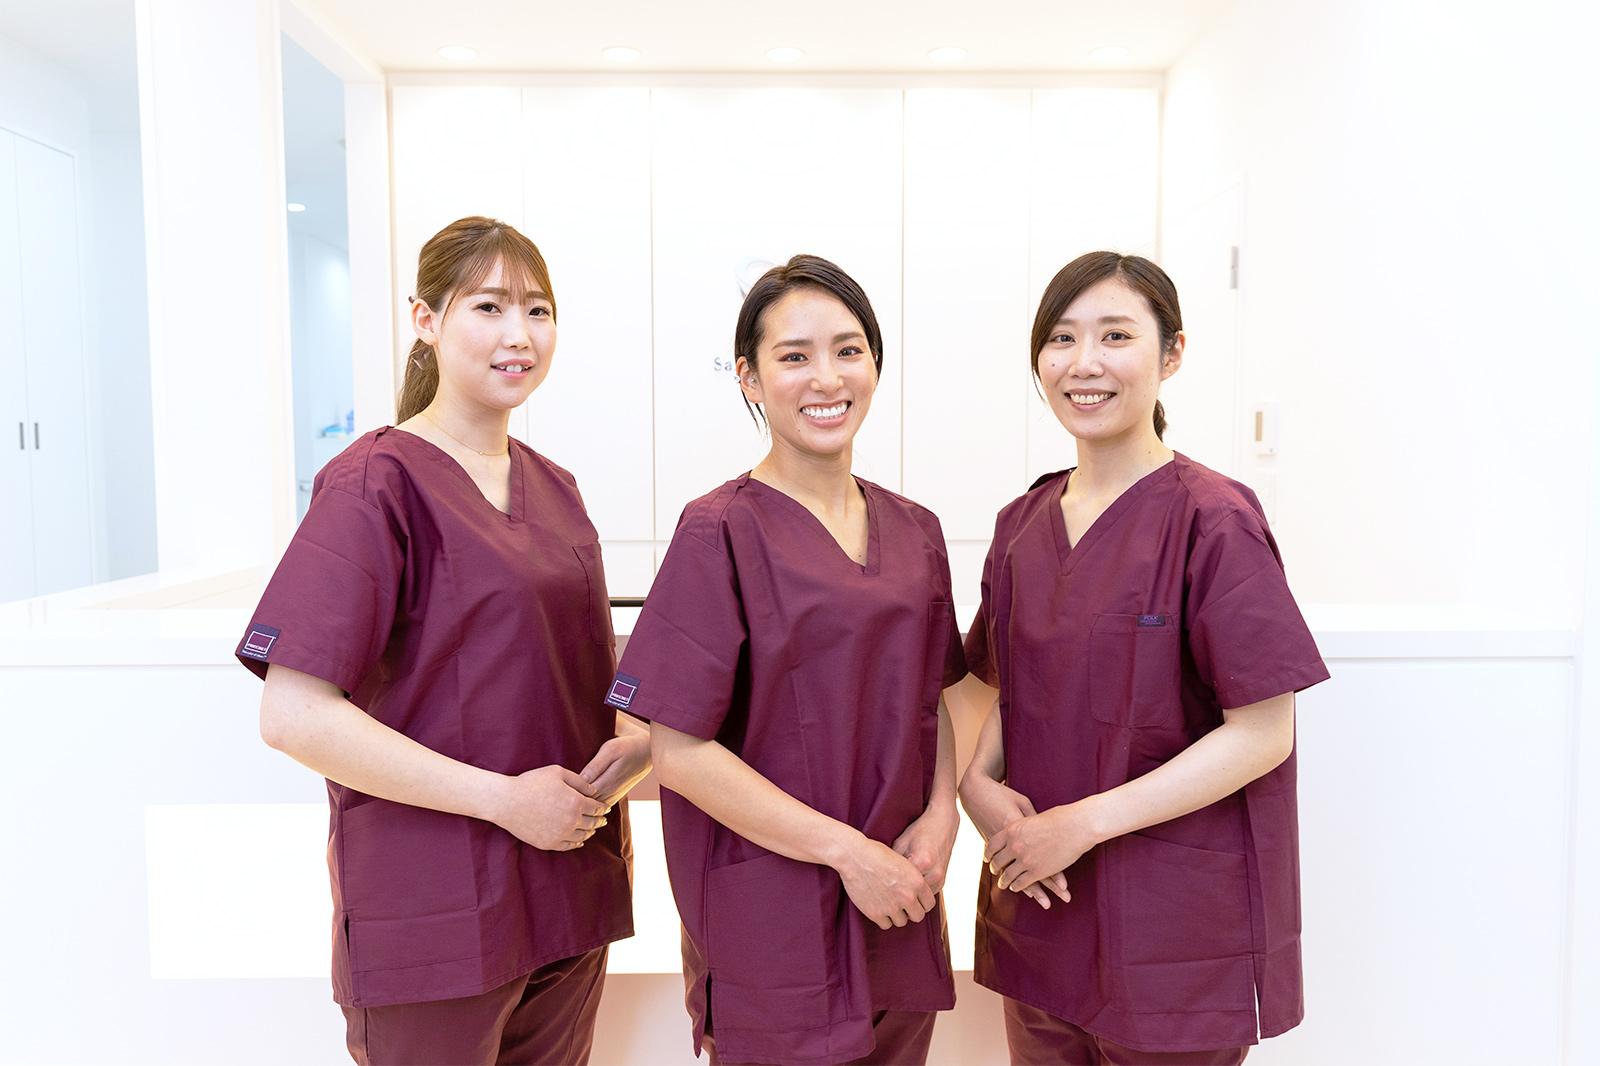 歯科衛生士は担当制